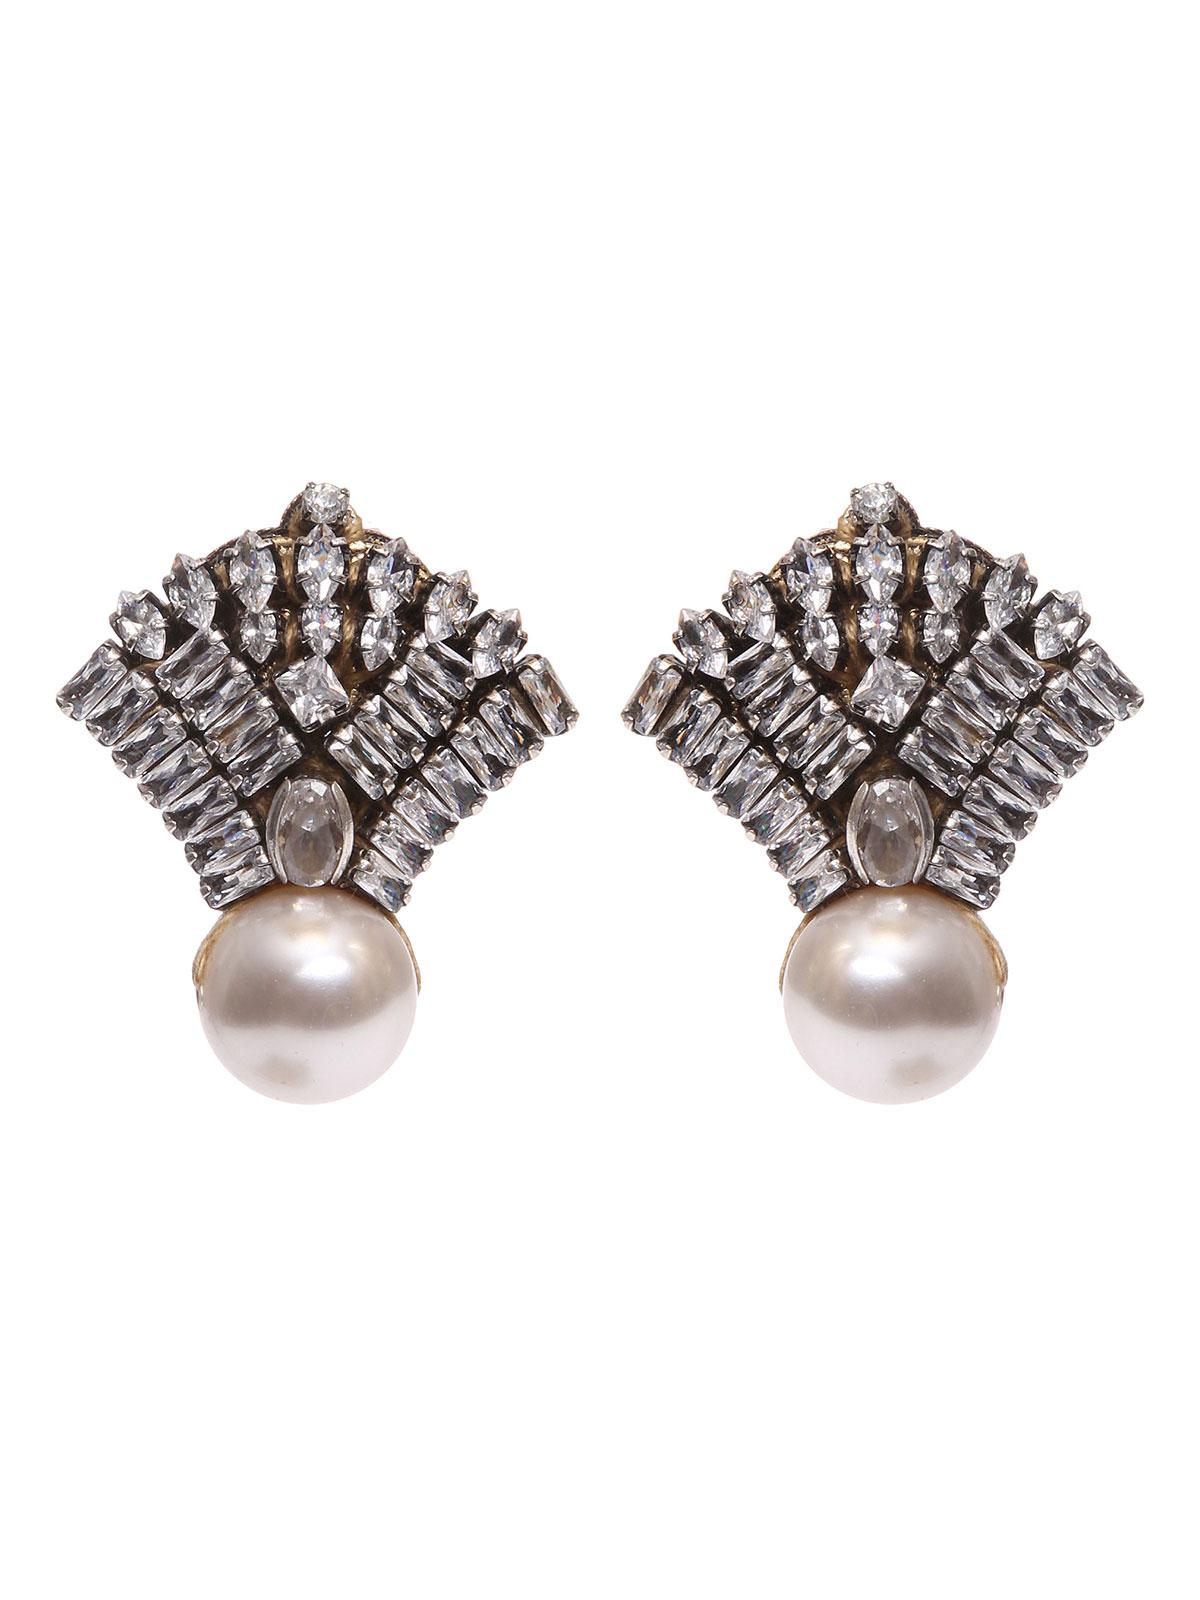 Jewel fan earrings with pearl